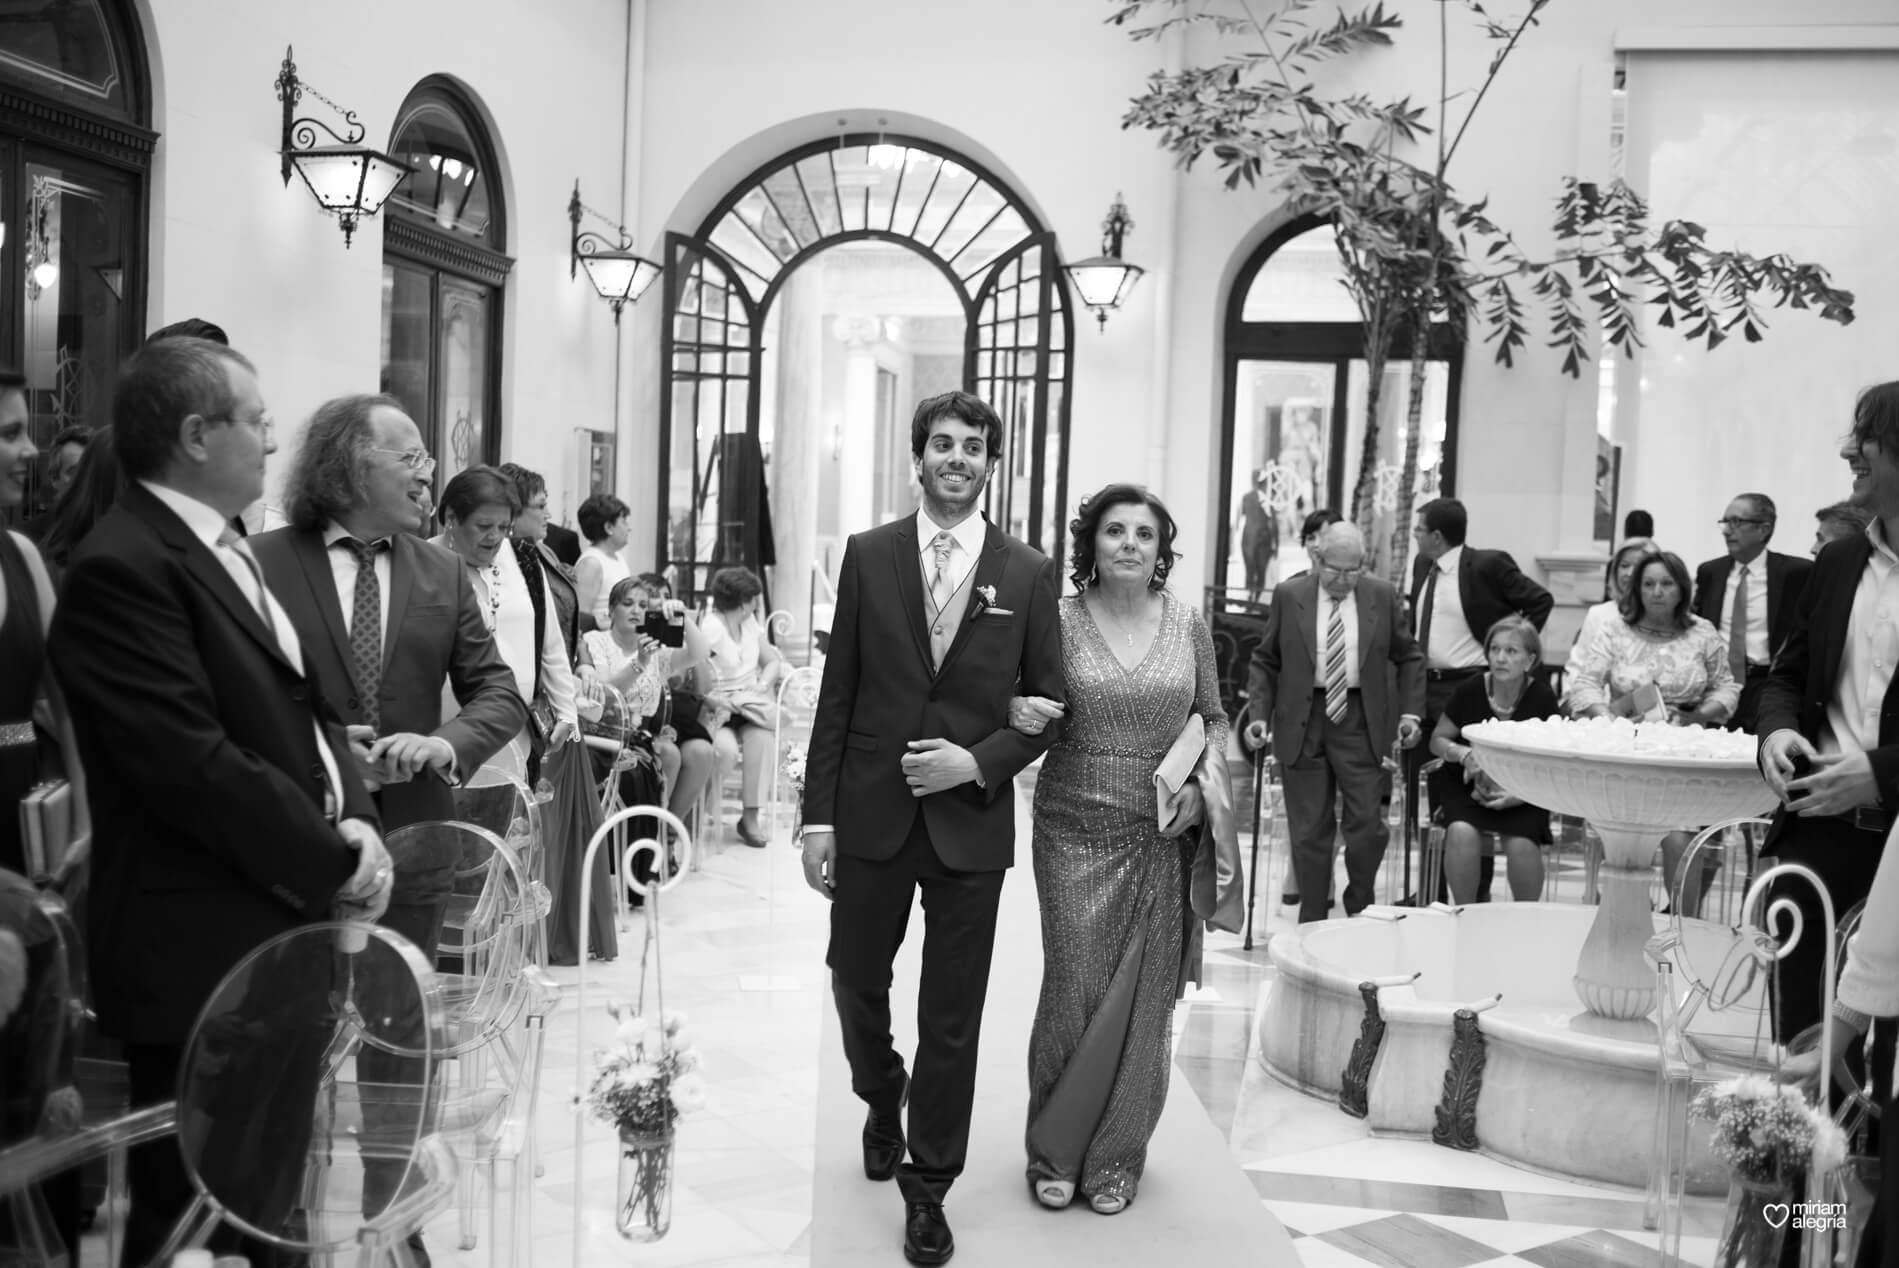 boda-civil-en-el-casino-de-murcia-miriam-alegria-fotografos-de-boda-21